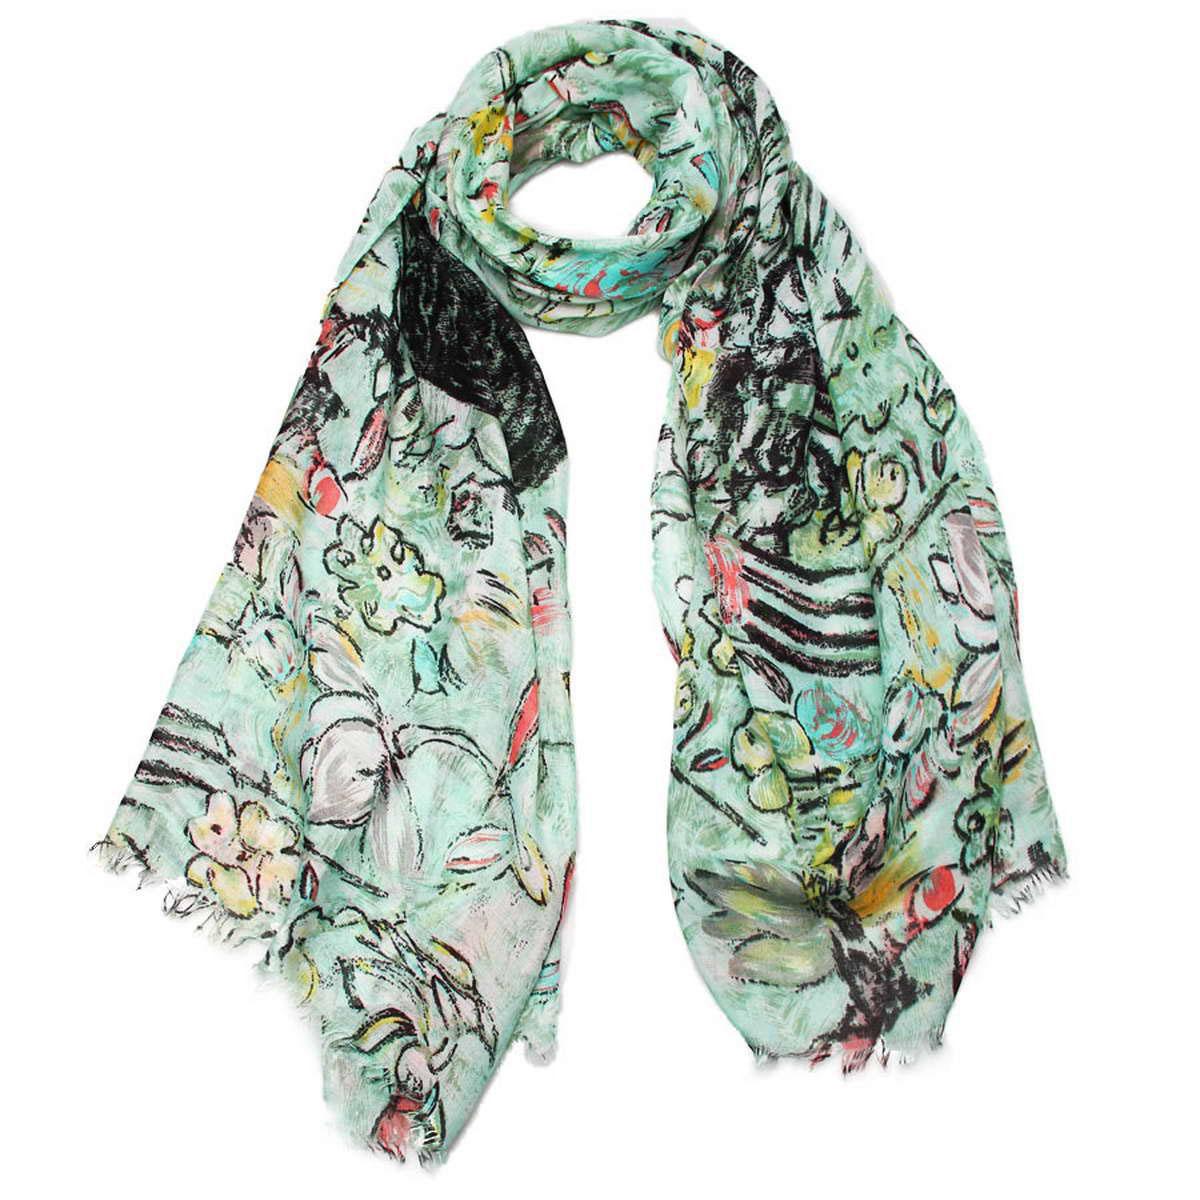 Палантин женский Venera, цвет: зеленый, мультиколор. 3415201-14. Размер 90 см х 180 см3415201-14Элегантный женский палантин Venera изготовленный из вискозы, станет идеальным украшением для наряда нежной, тонкой и романтичной натуры. Палантин имеет отличное качество и приятную текстуру материала, он подарит настоящий комфорт при носке, а большие размеры позволят завязать изделие множеством вариантов. Изделие оформлено оригинальным принтом в пастельных тонах и декорировано бахромой.В этом палантине вы всегда будете выглядеть женственной и привлекательной.